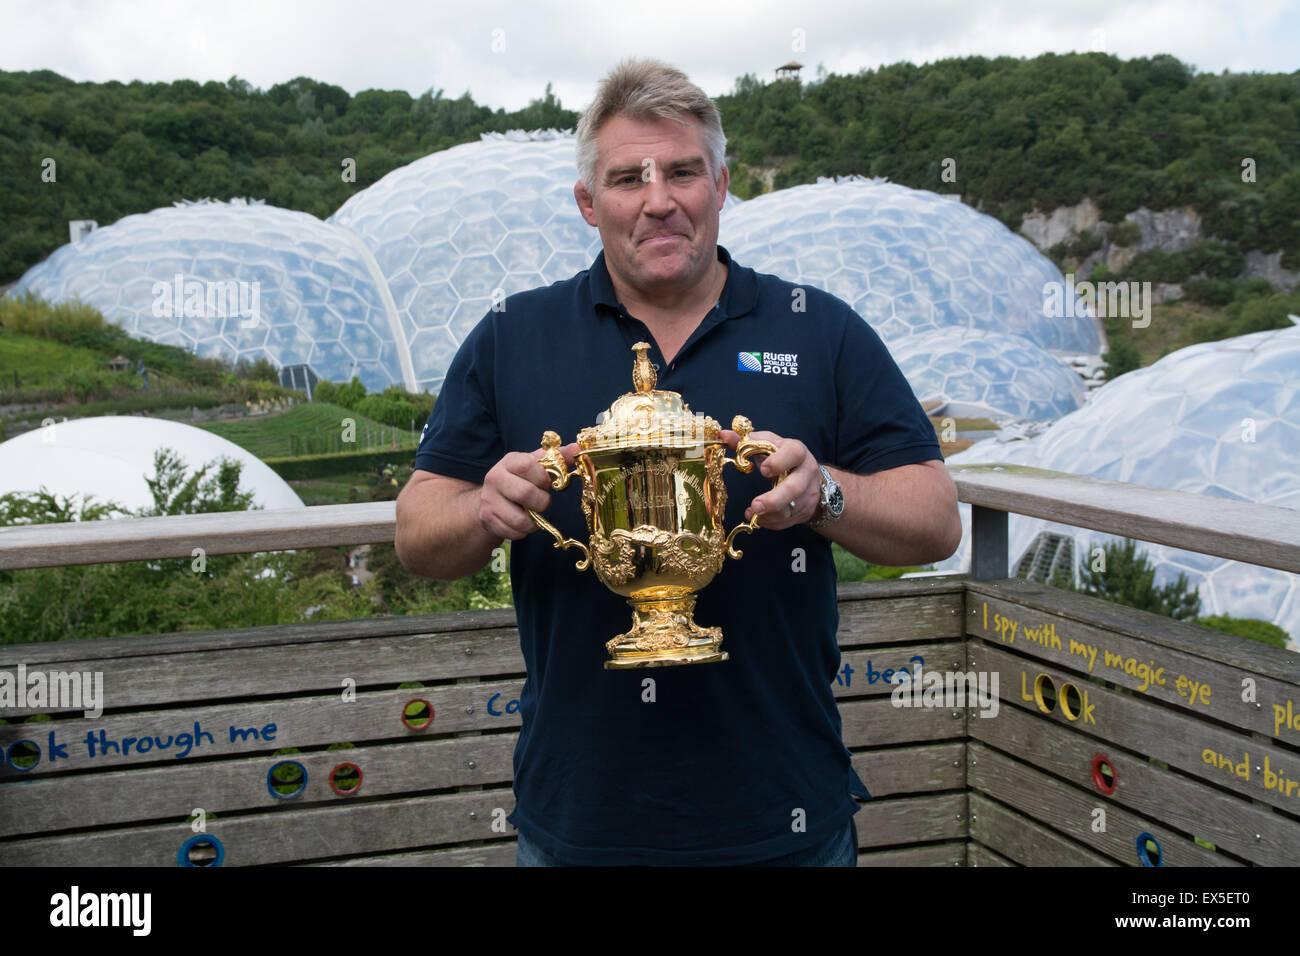 Imagen de Jason Leonard , en el Eden Project con la Web Ellis trofeo para el lanzamiento de la Rugby World Cup 2015 Imagen De Stock